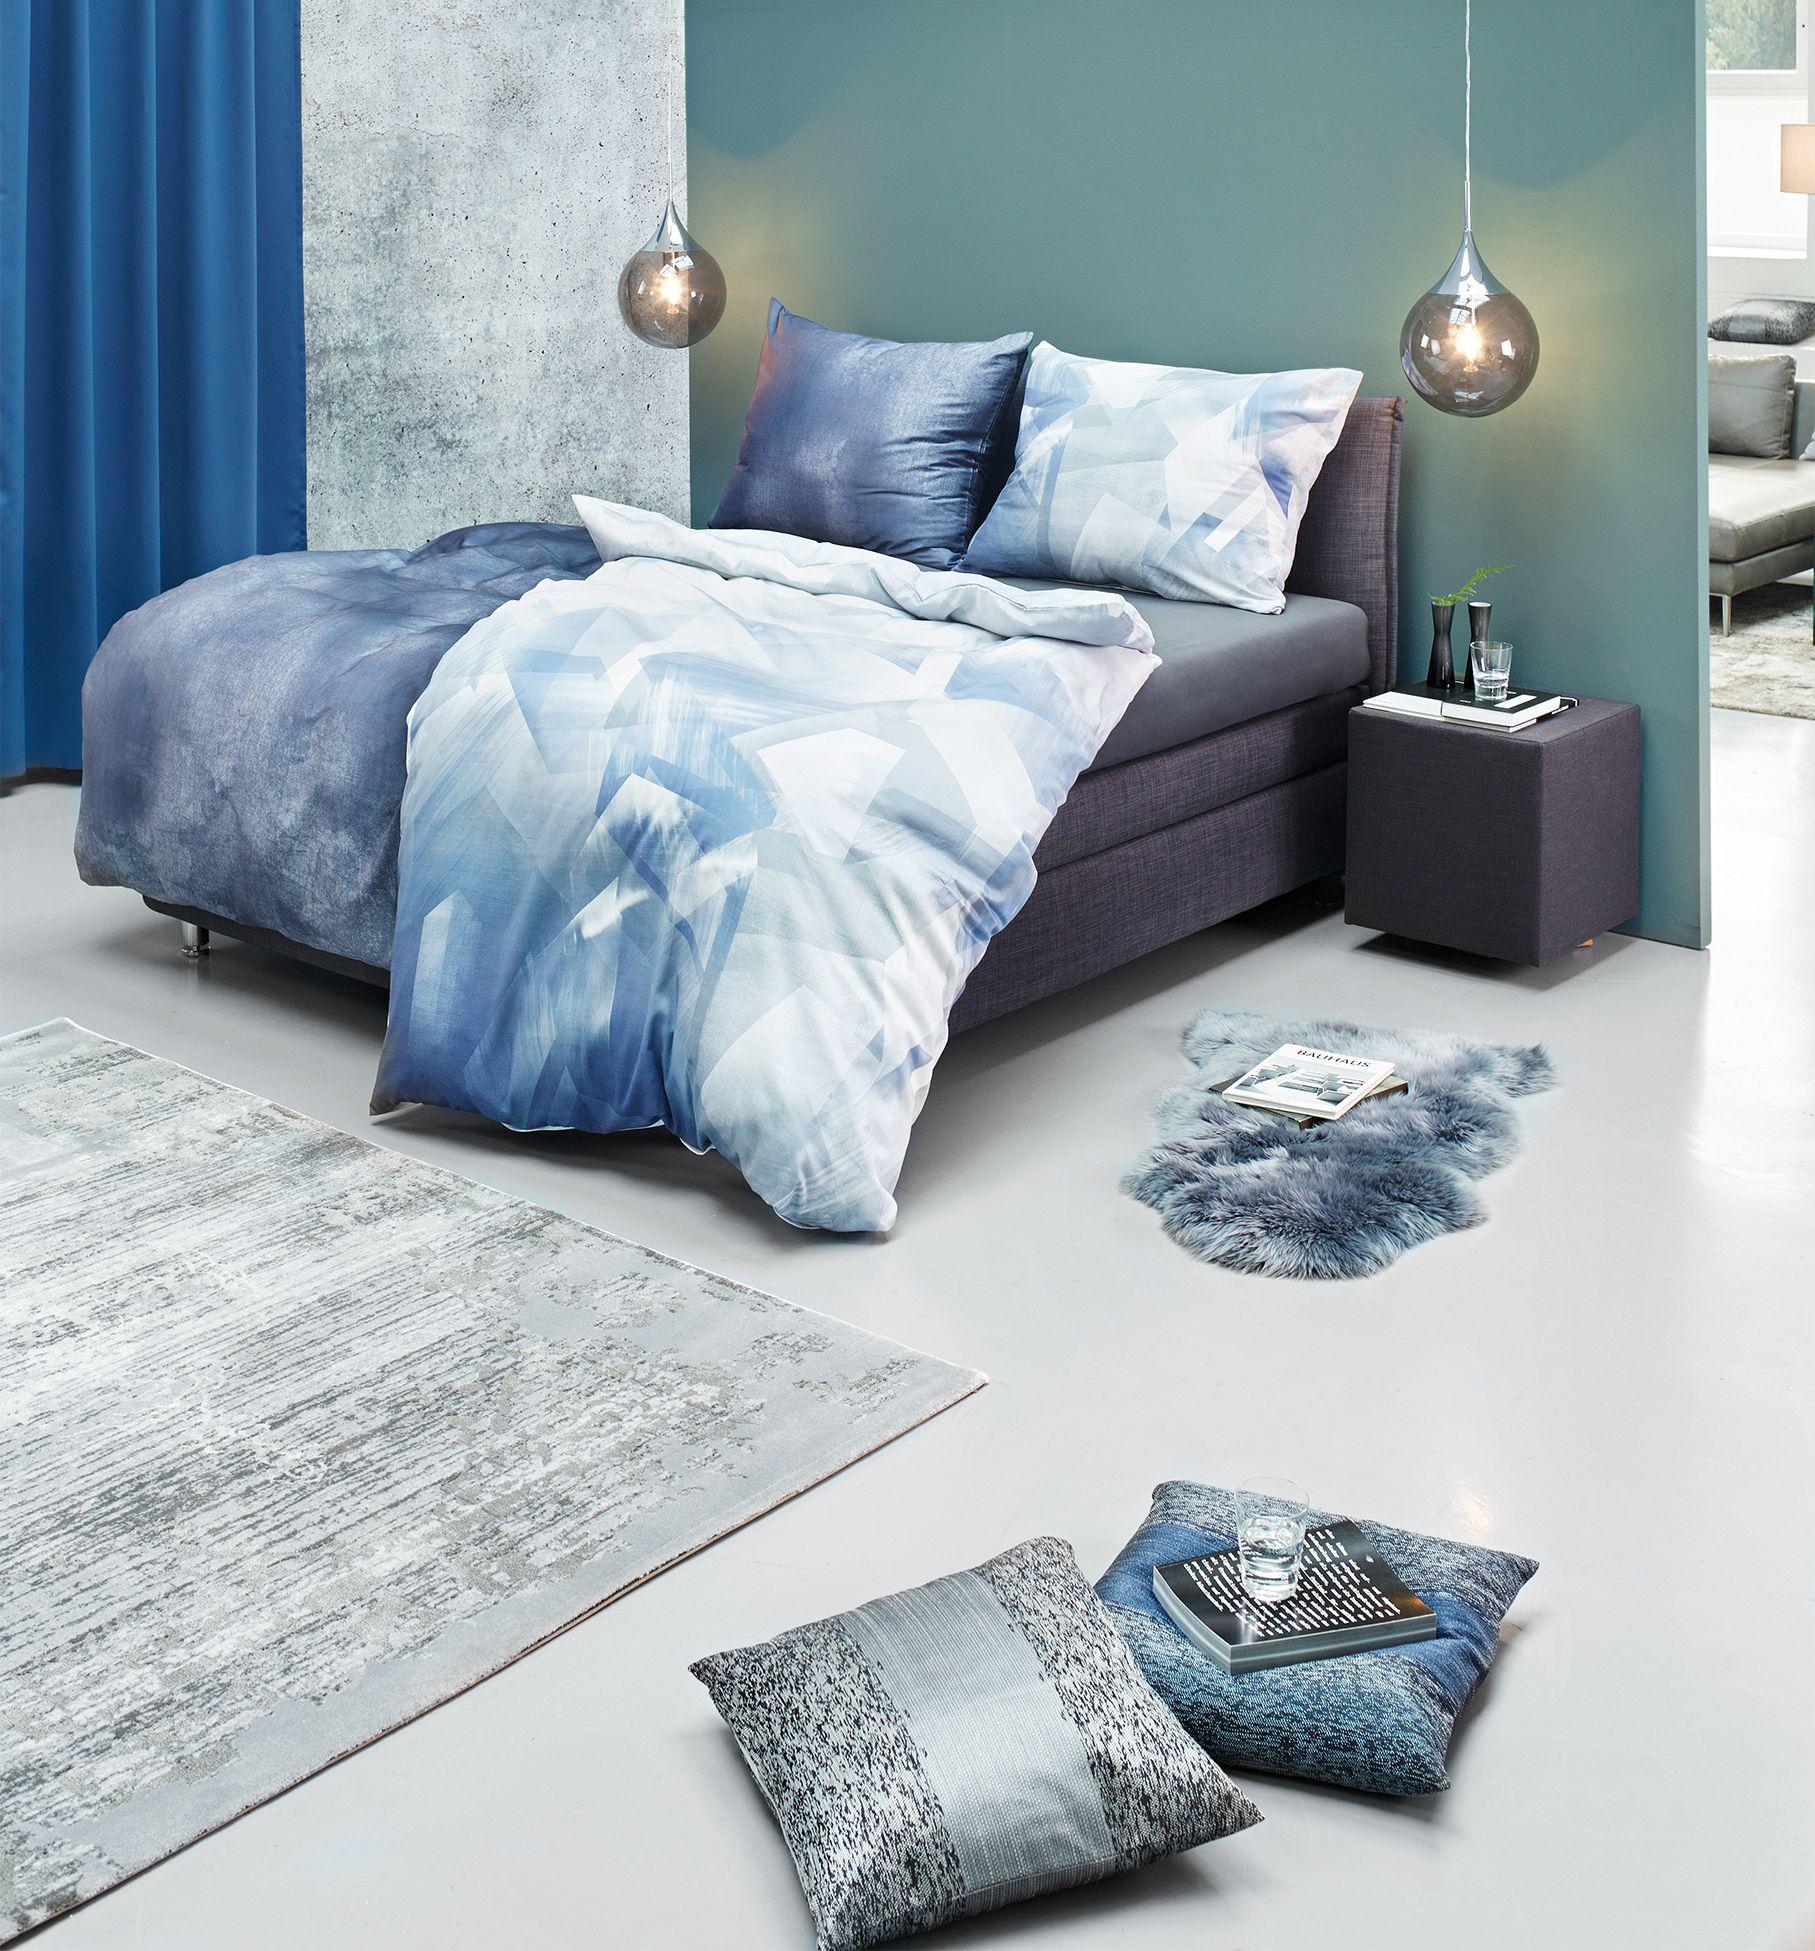 Schlafzimmer mit moderner Bettwäsche in Blau und Grau mit Bildern   Bettwäsche, Bettwäsche ...